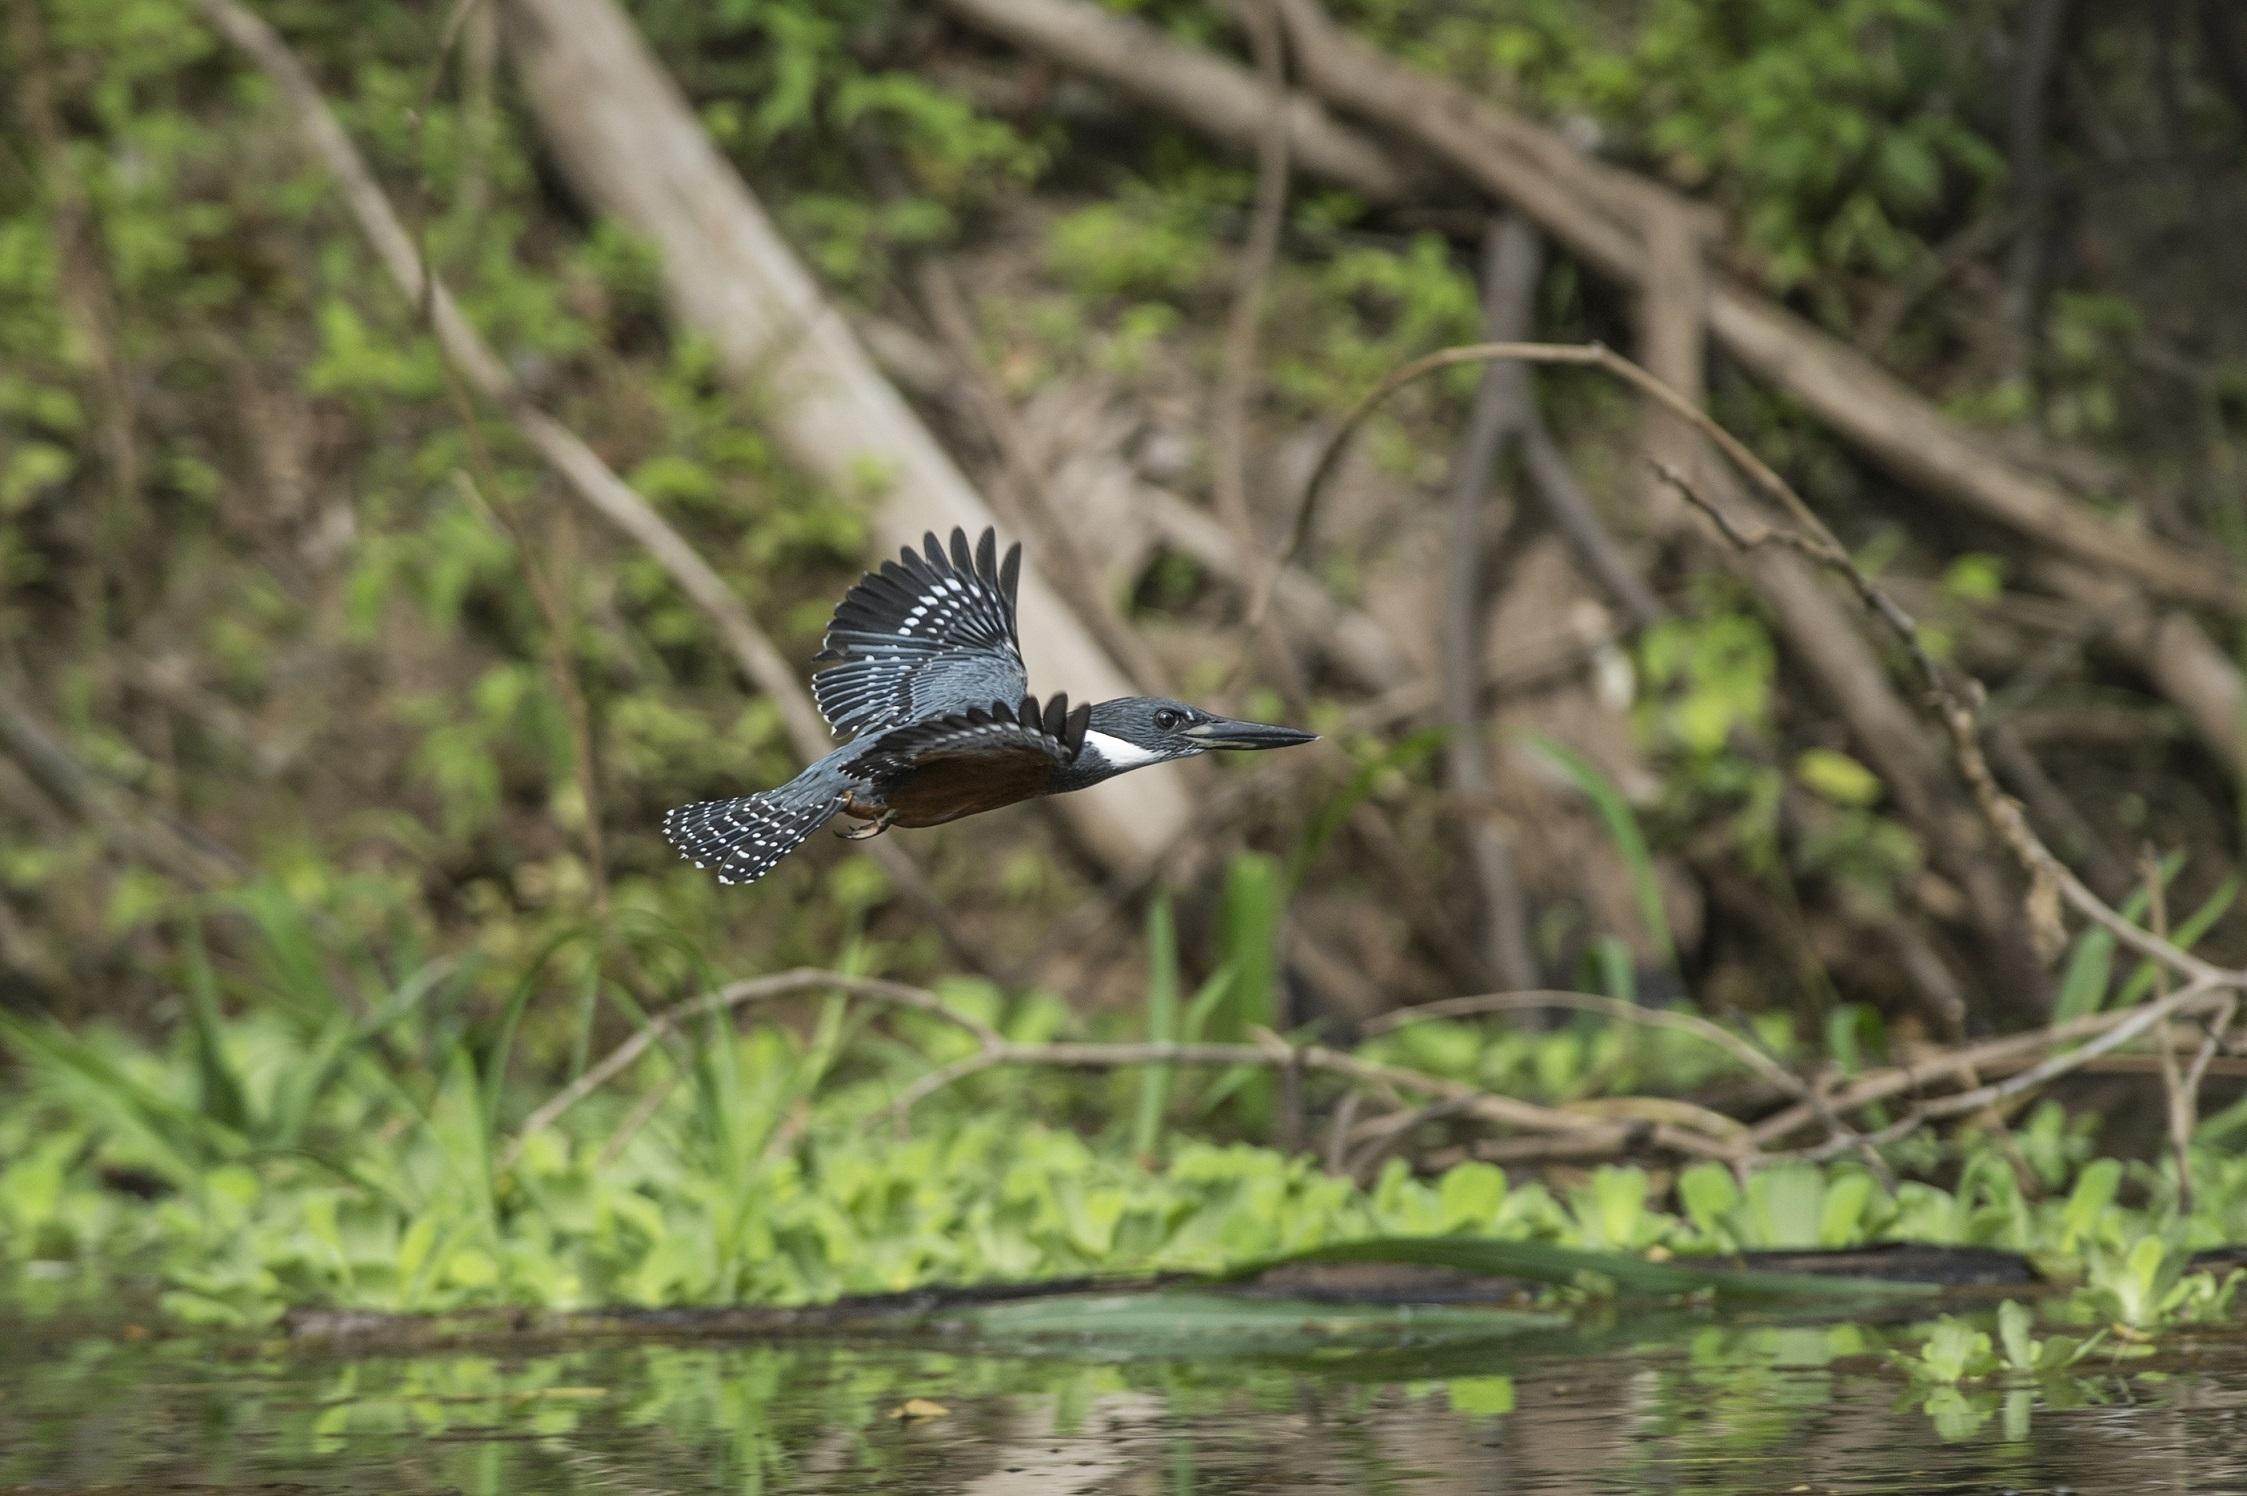 El avistamiento de aves es una de las actividades que se pueden impulsar en los humedales. En la foto, un martín pescador en la Reserva Nacional Pacaya Samiria. Foto: Promperú.